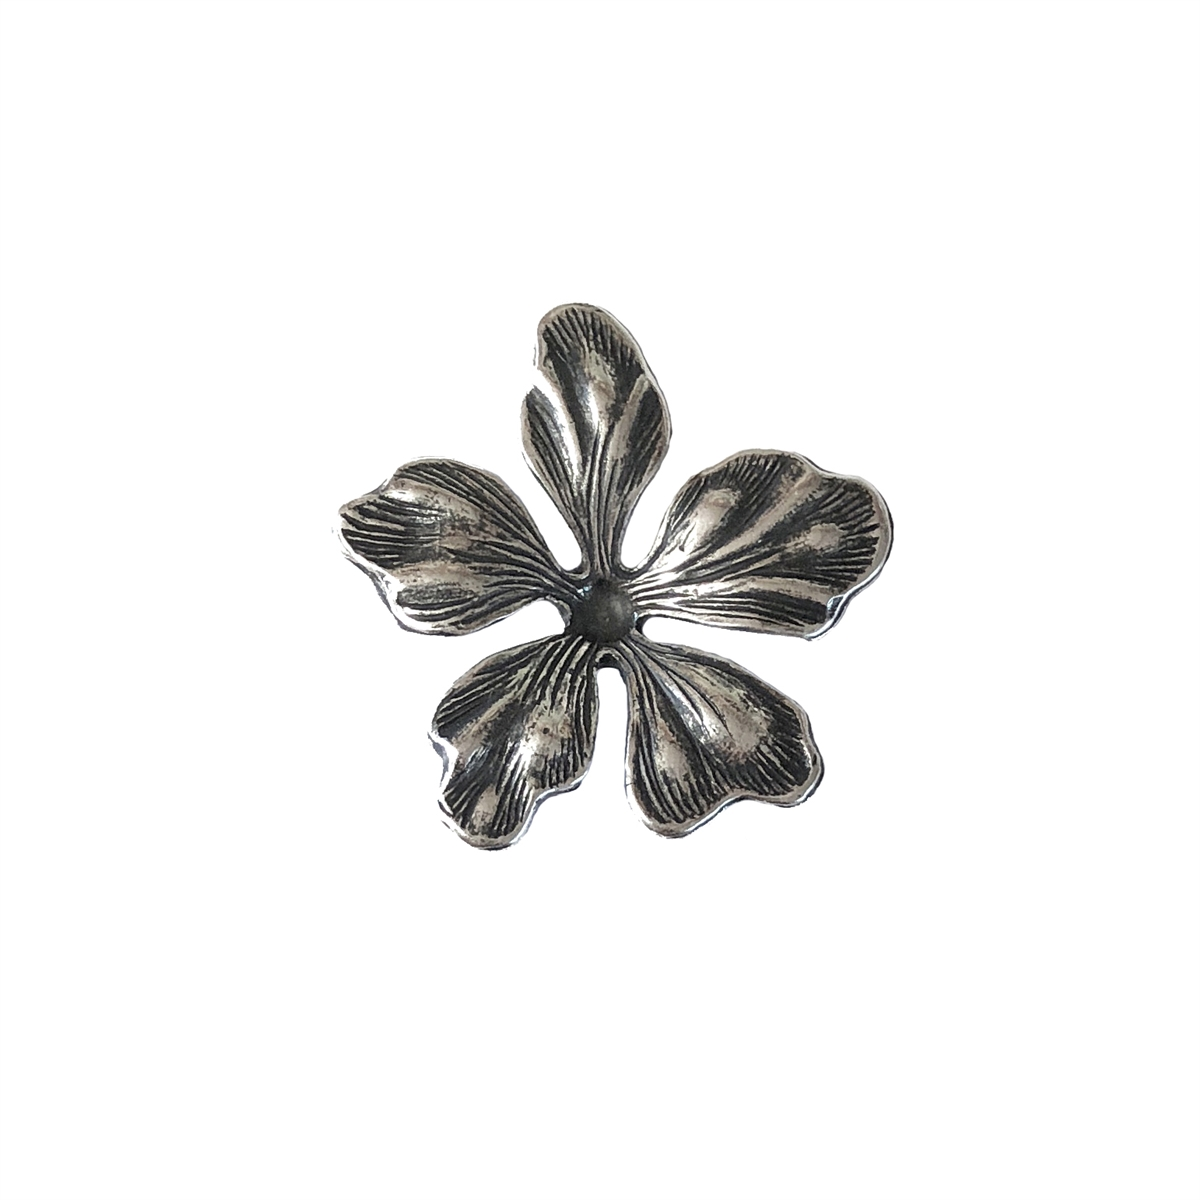 Dogwood Flower 0697 Silverware Silverplate Flowers 23mm Brass